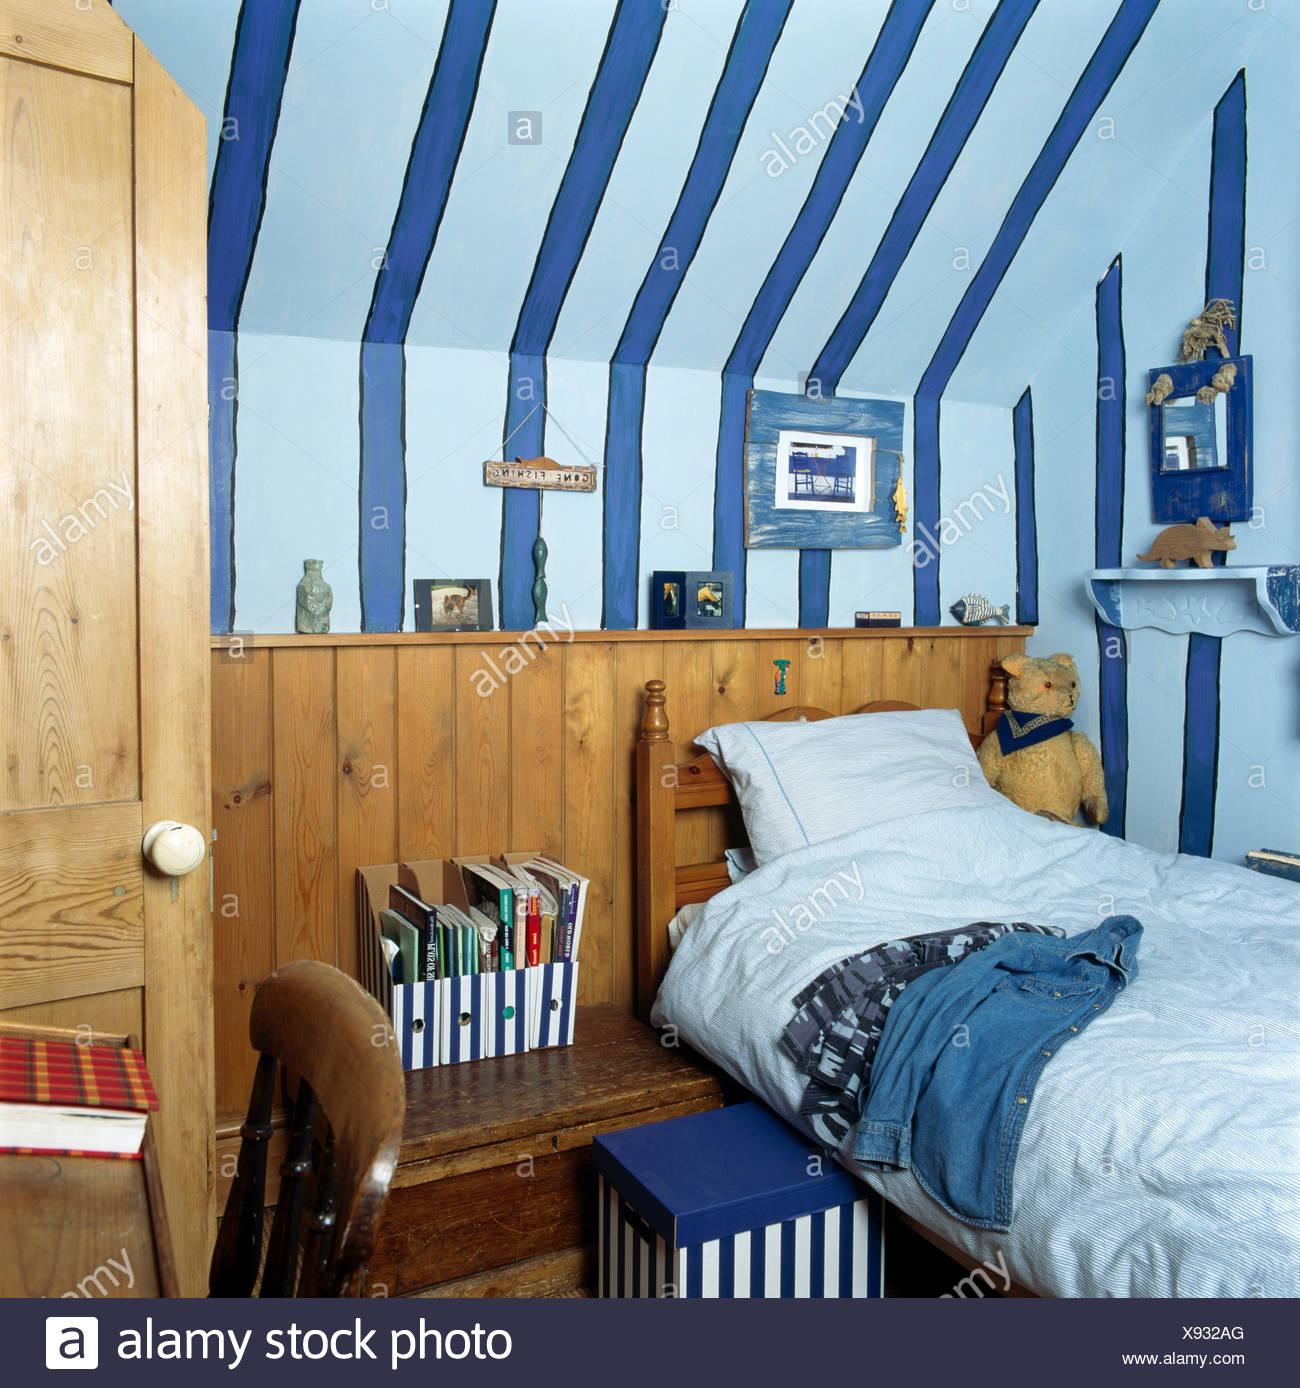 Breiten Blaue Streifen Gemalt An Der Hütte Kinderzimmer Mit Einzelbett  Gegen Hölzerne Dado Zunge + Groove Verkleidung